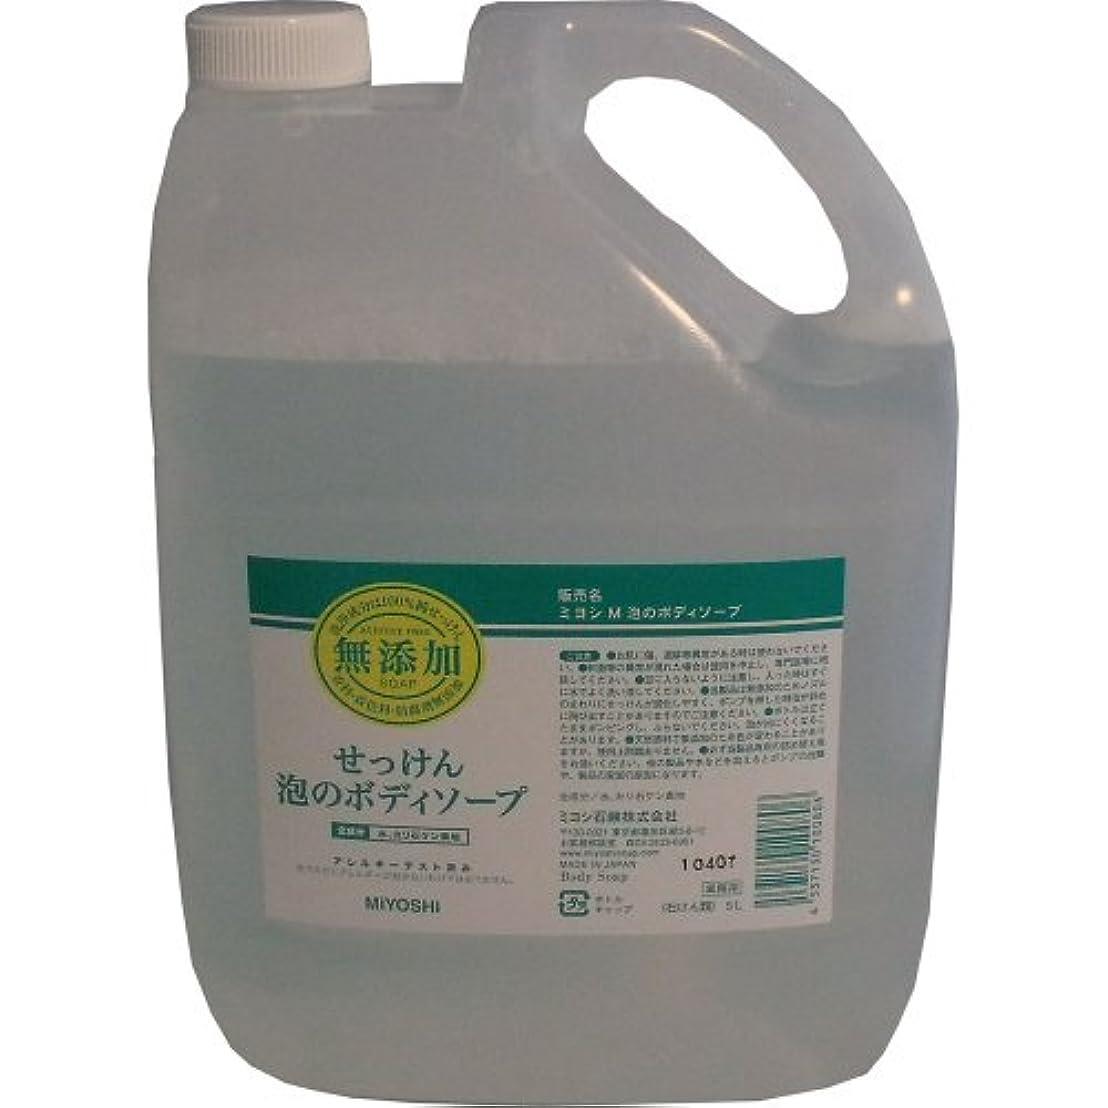 世辞規定定期的ミヨシ石鹸 業務用 無添加せっけん 泡のボディソープ 詰め替え用 5Lサイズ×4点セット